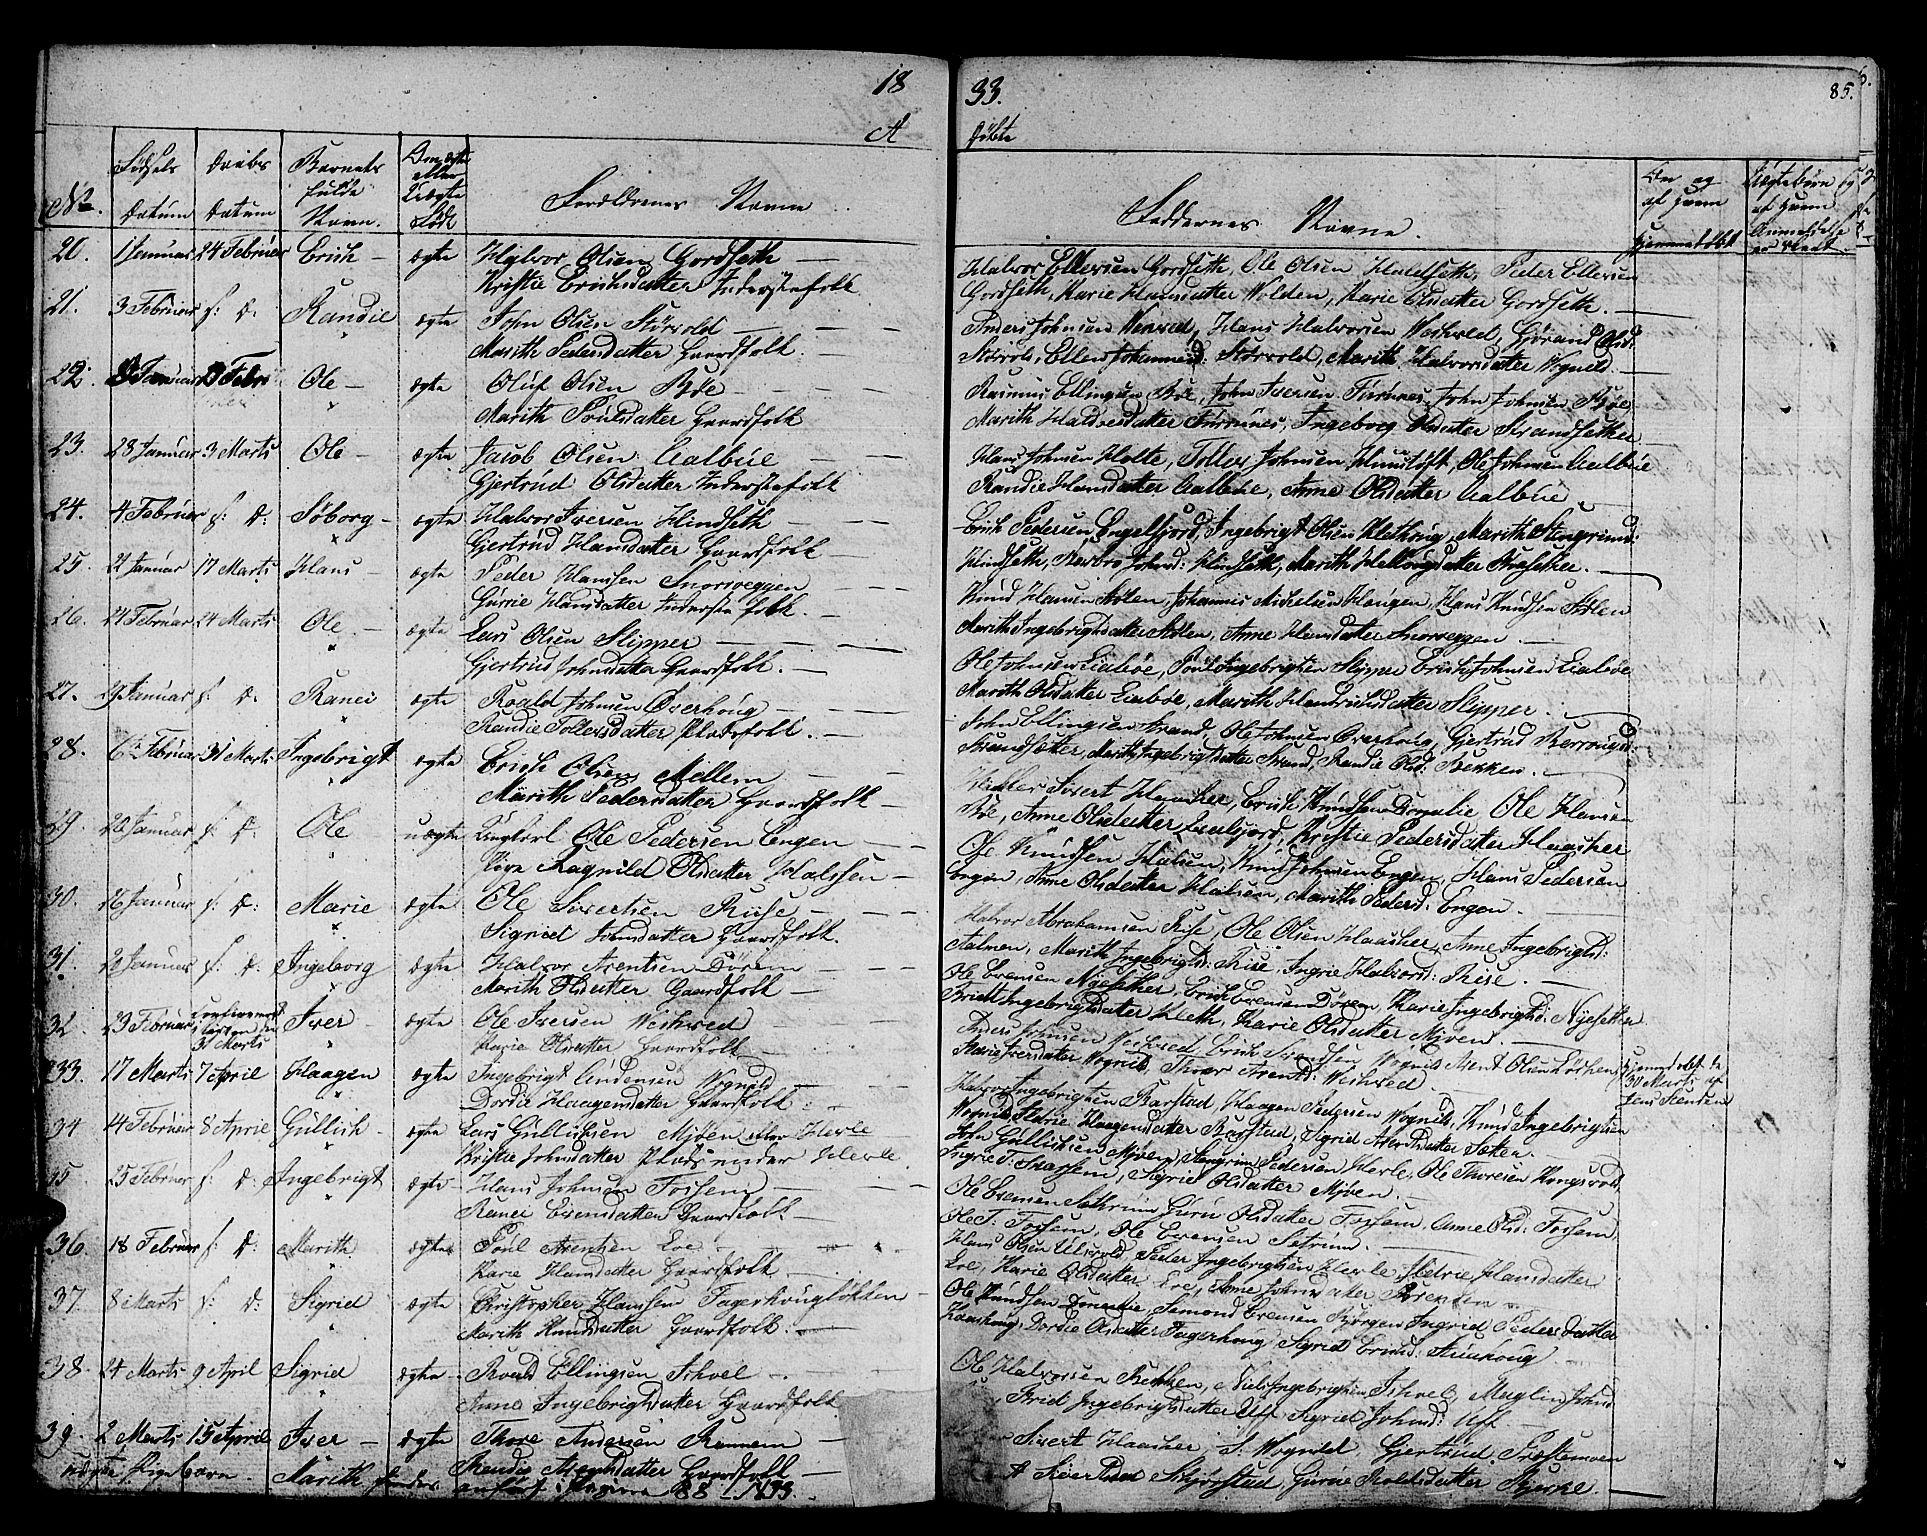 SAT, Ministerialprotokoller, klokkerbøker og fødselsregistre - Sør-Trøndelag, 678/L0897: Ministerialbok nr. 678A06-07, 1821-1847, s. 85